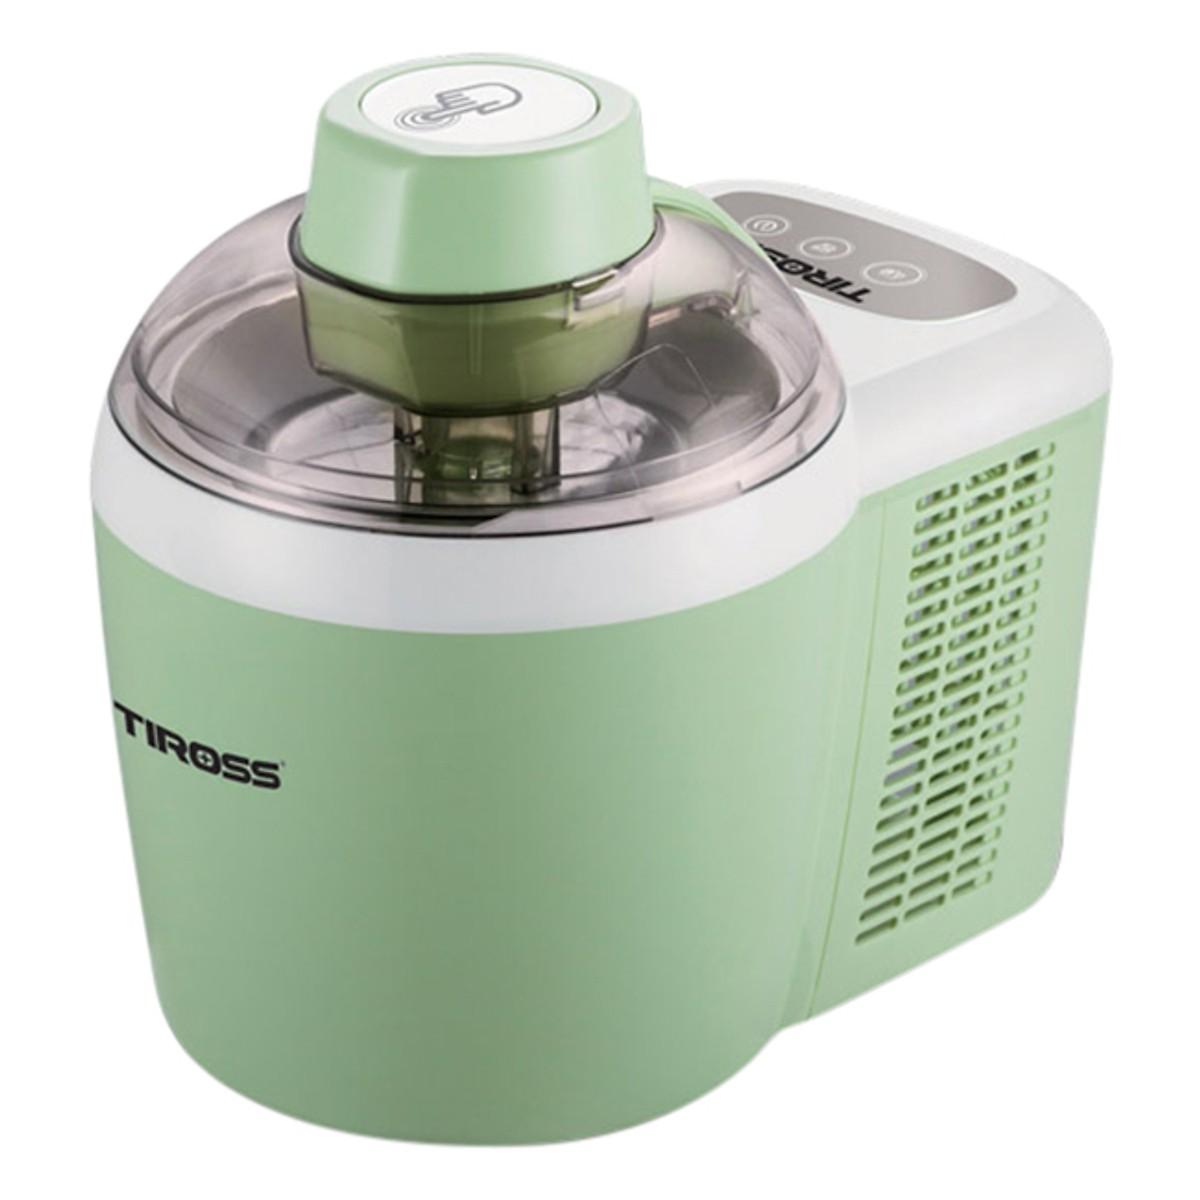 Máy làm kem hoàn toàn tự động Tiross TS9090